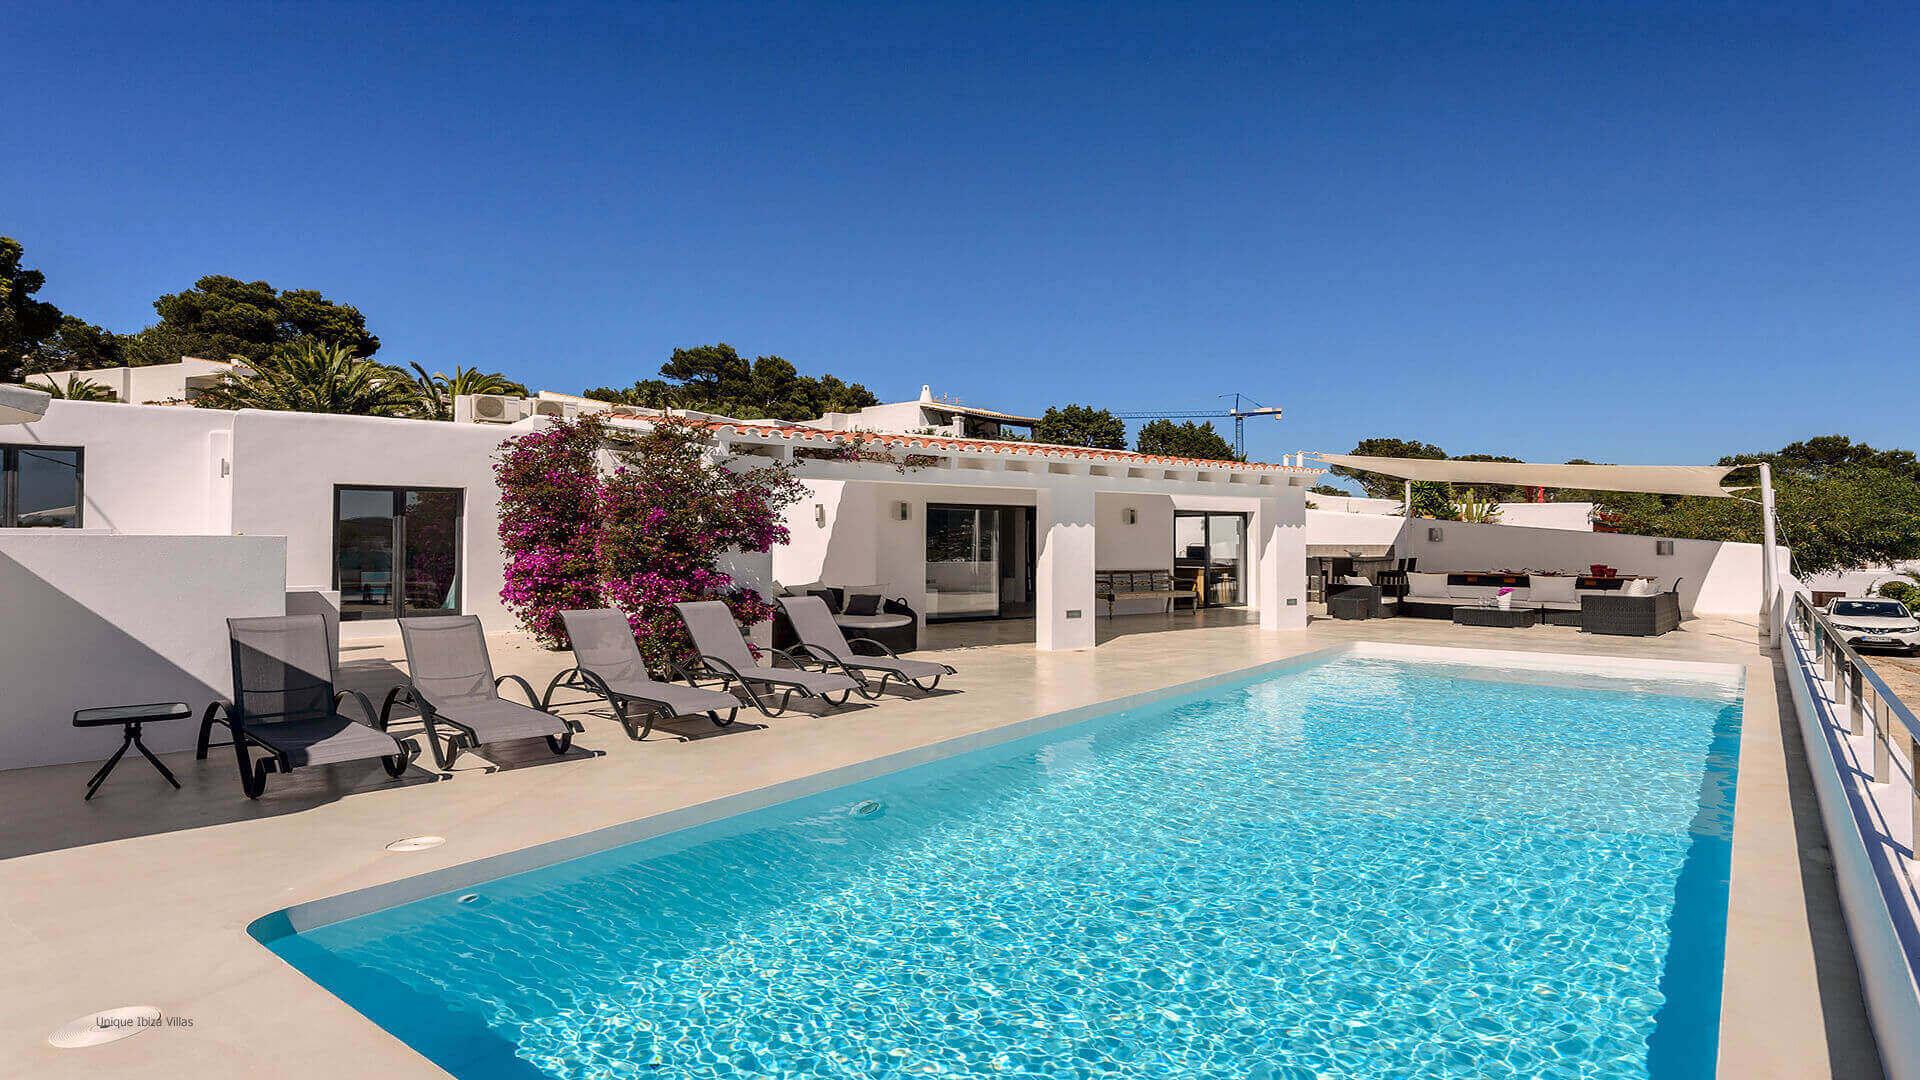 Casa Delfin Ibiza 1 Cala Codolar